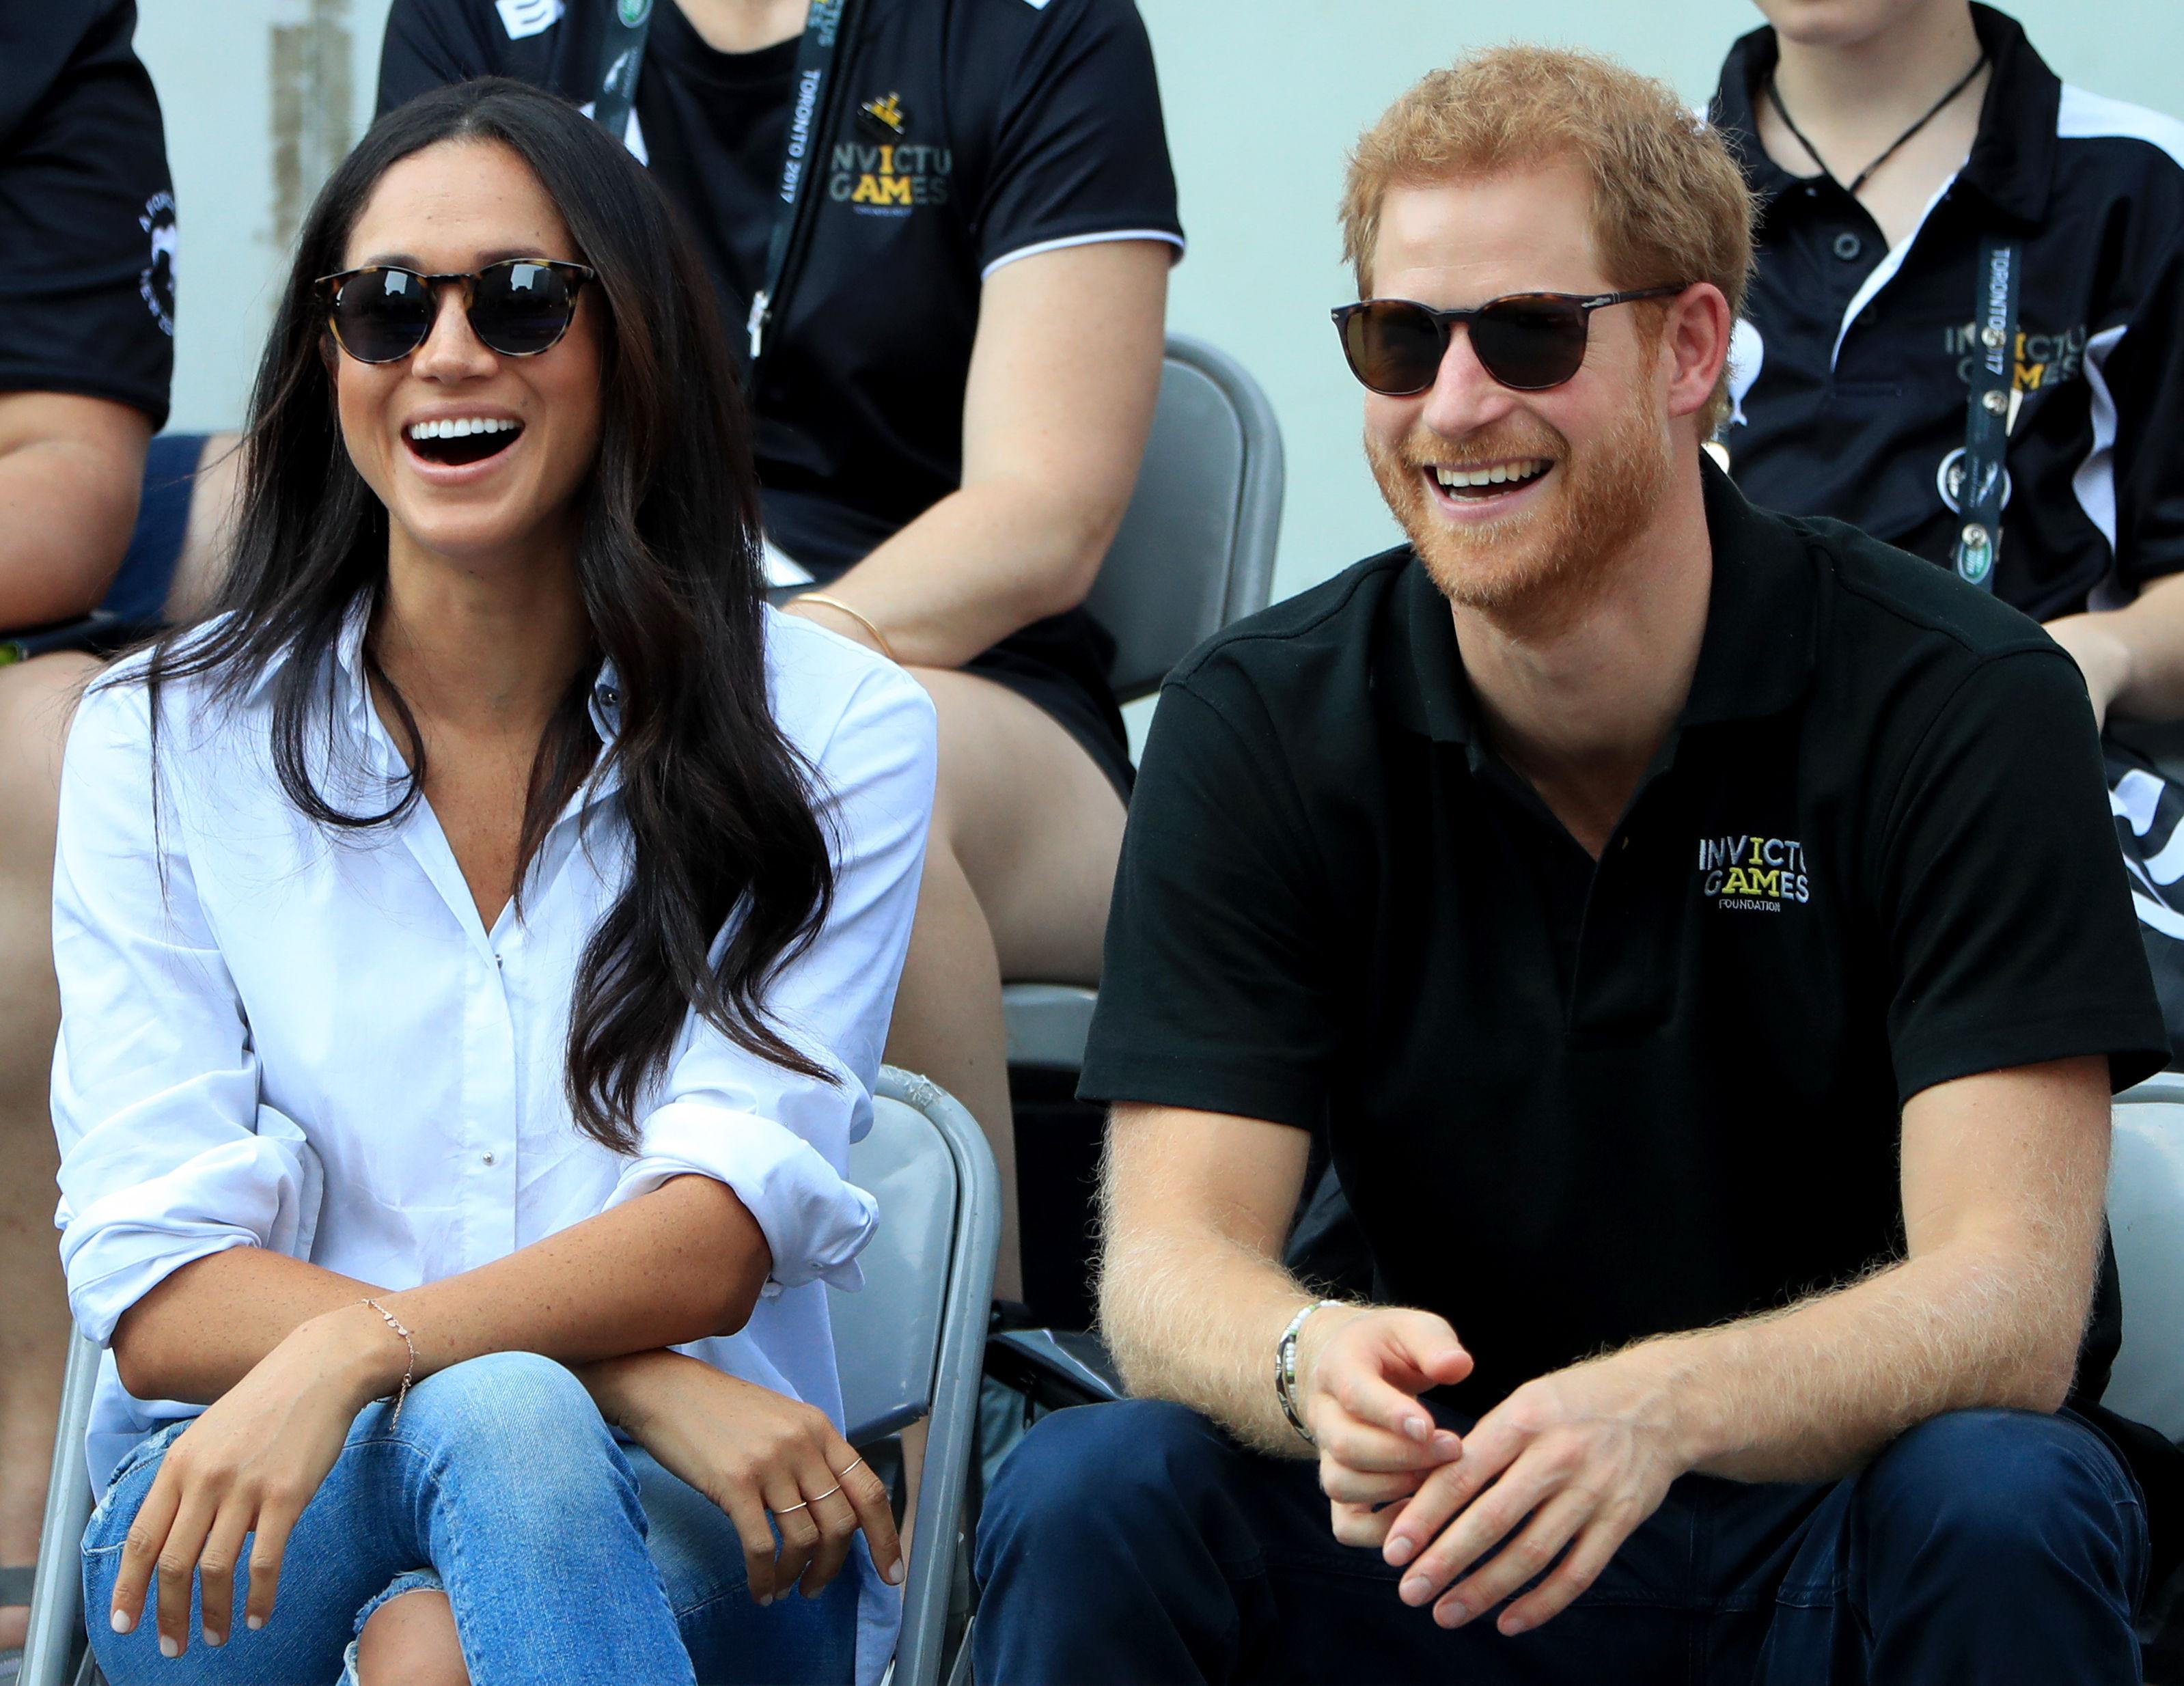 El príncipe Harry meghan markle